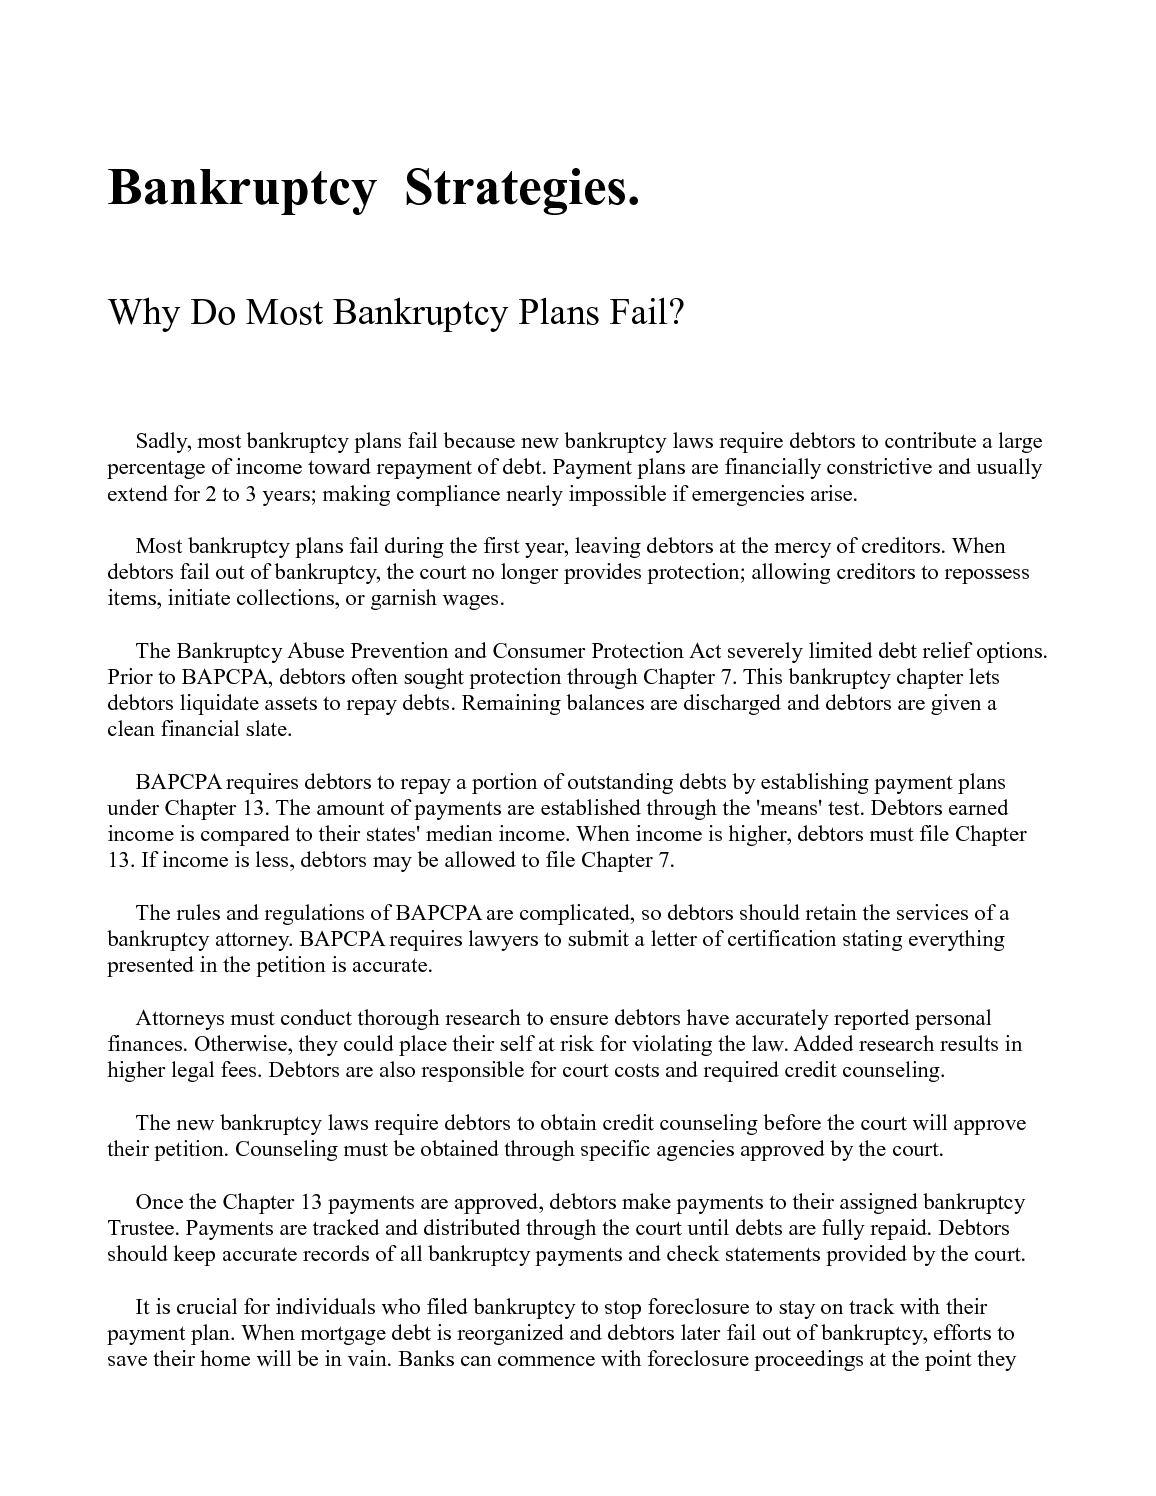 Calaméo - Bankruptcy Strategies